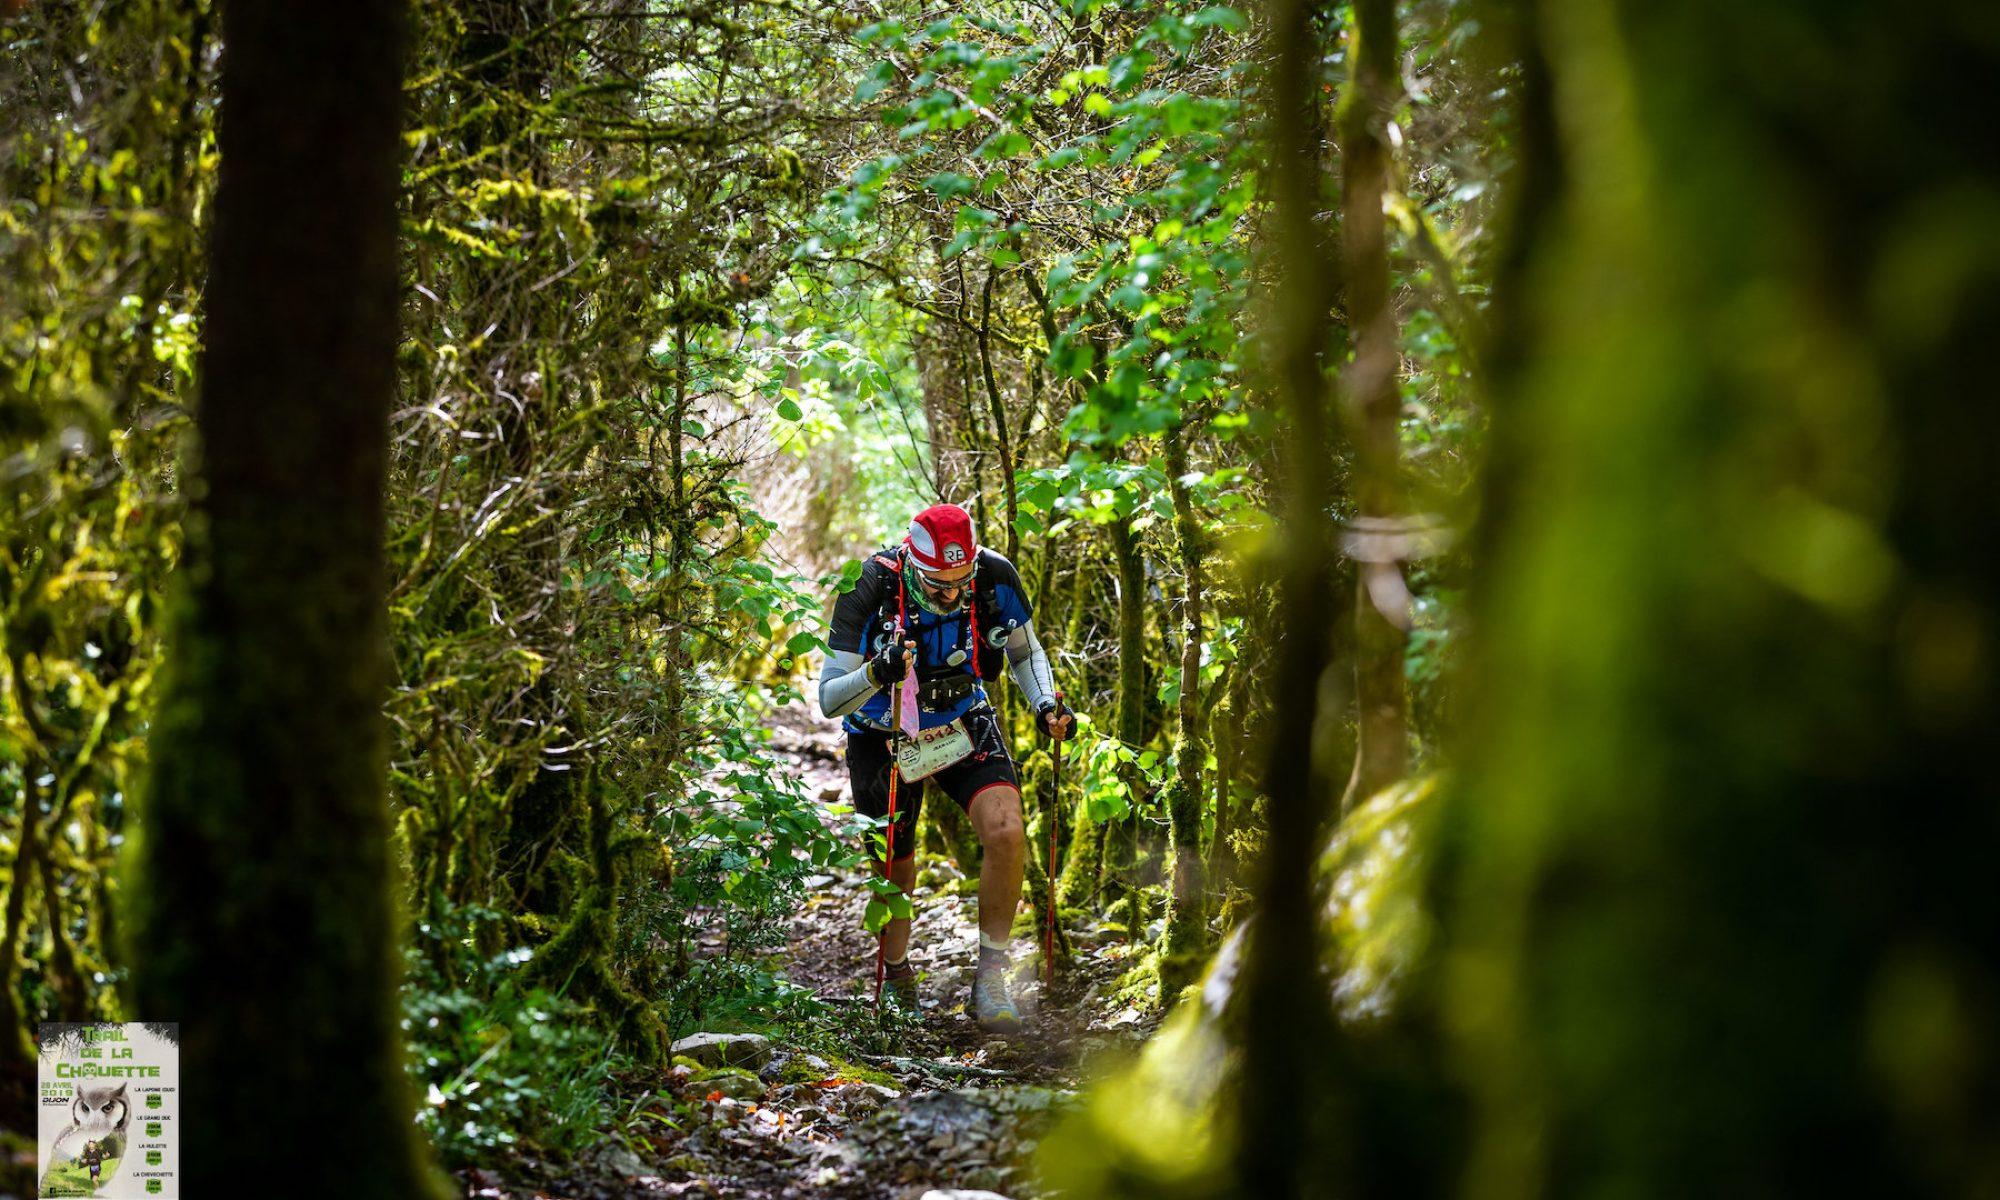 5 ème édition du Trail de la Chouette annulée et reportée au 25 avril 2021